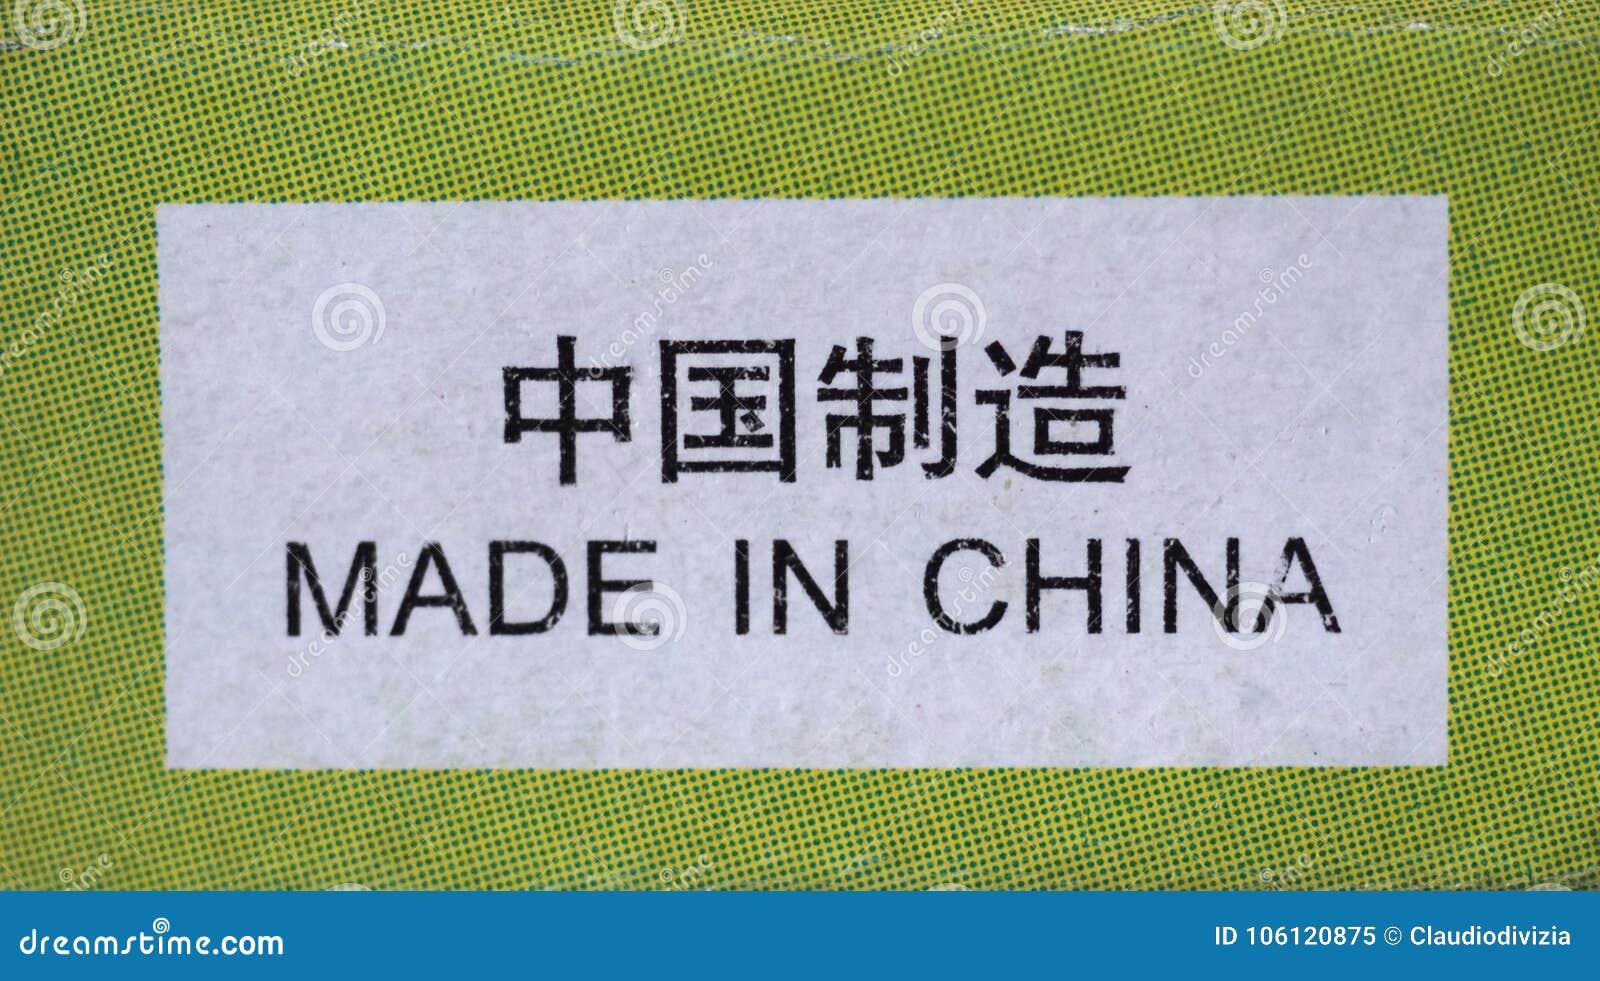 中国制造标签